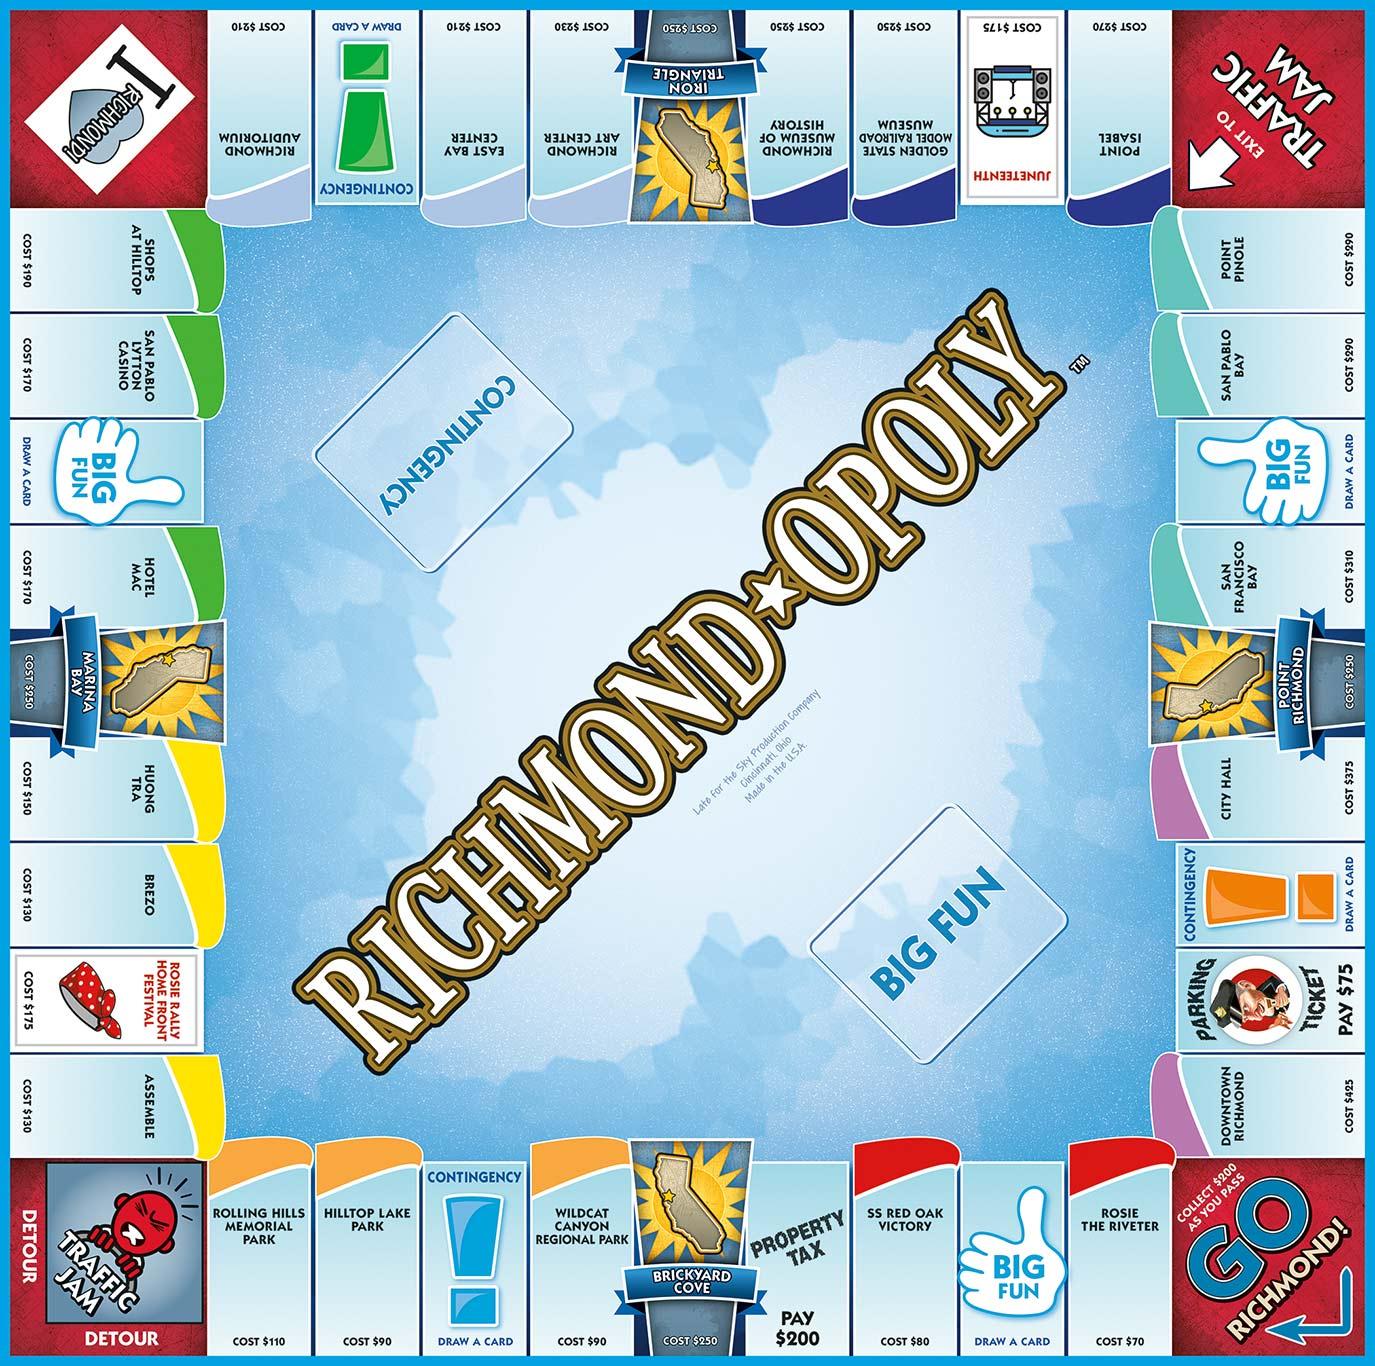 RICHMOND-OPOLY (CA) Board Game